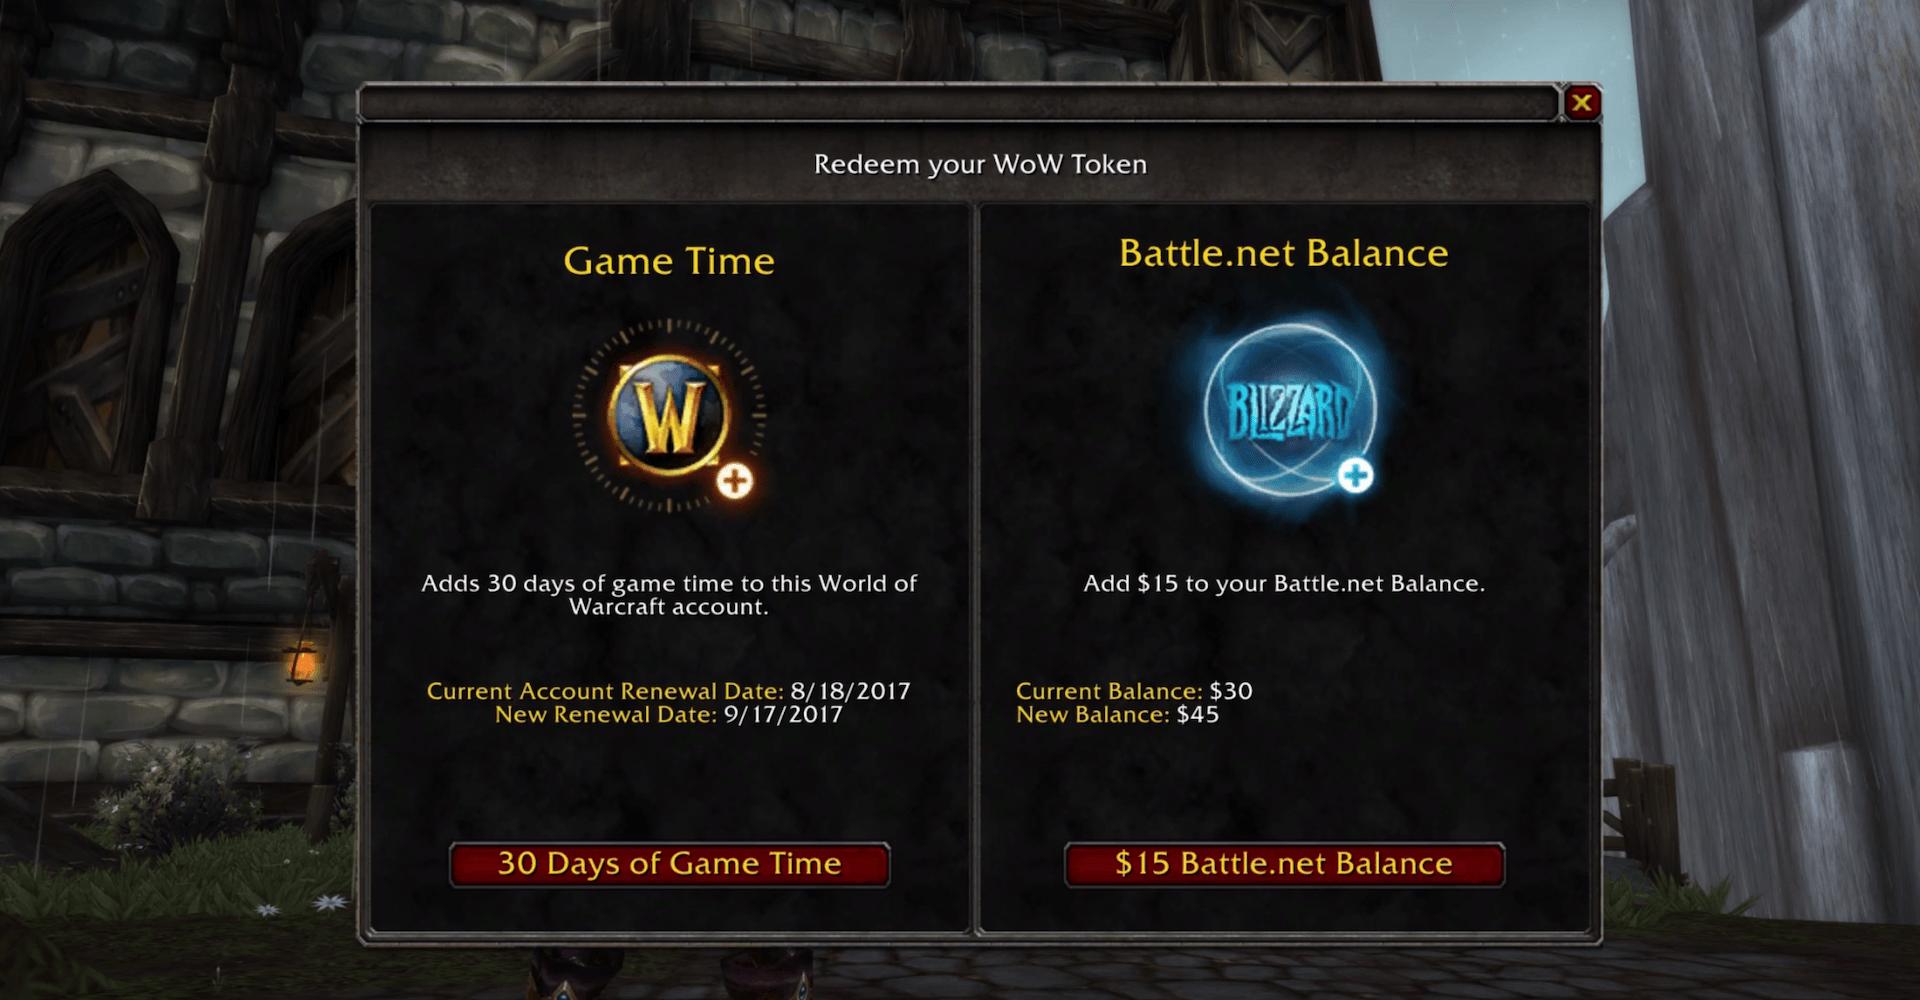 grande qualité Acheter Authentic prix abordable L'argent gagné dans World of Warcraft pourra être dépensé ...